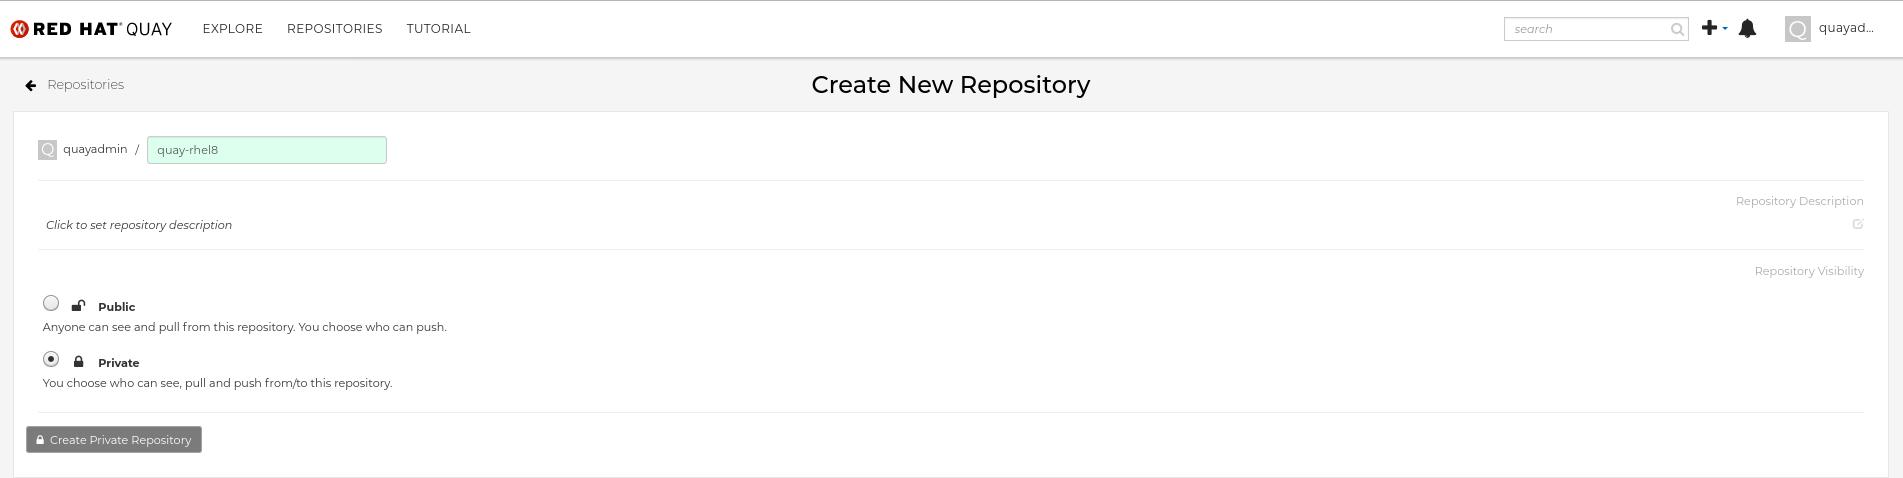 Create new Red Hat Quay repo